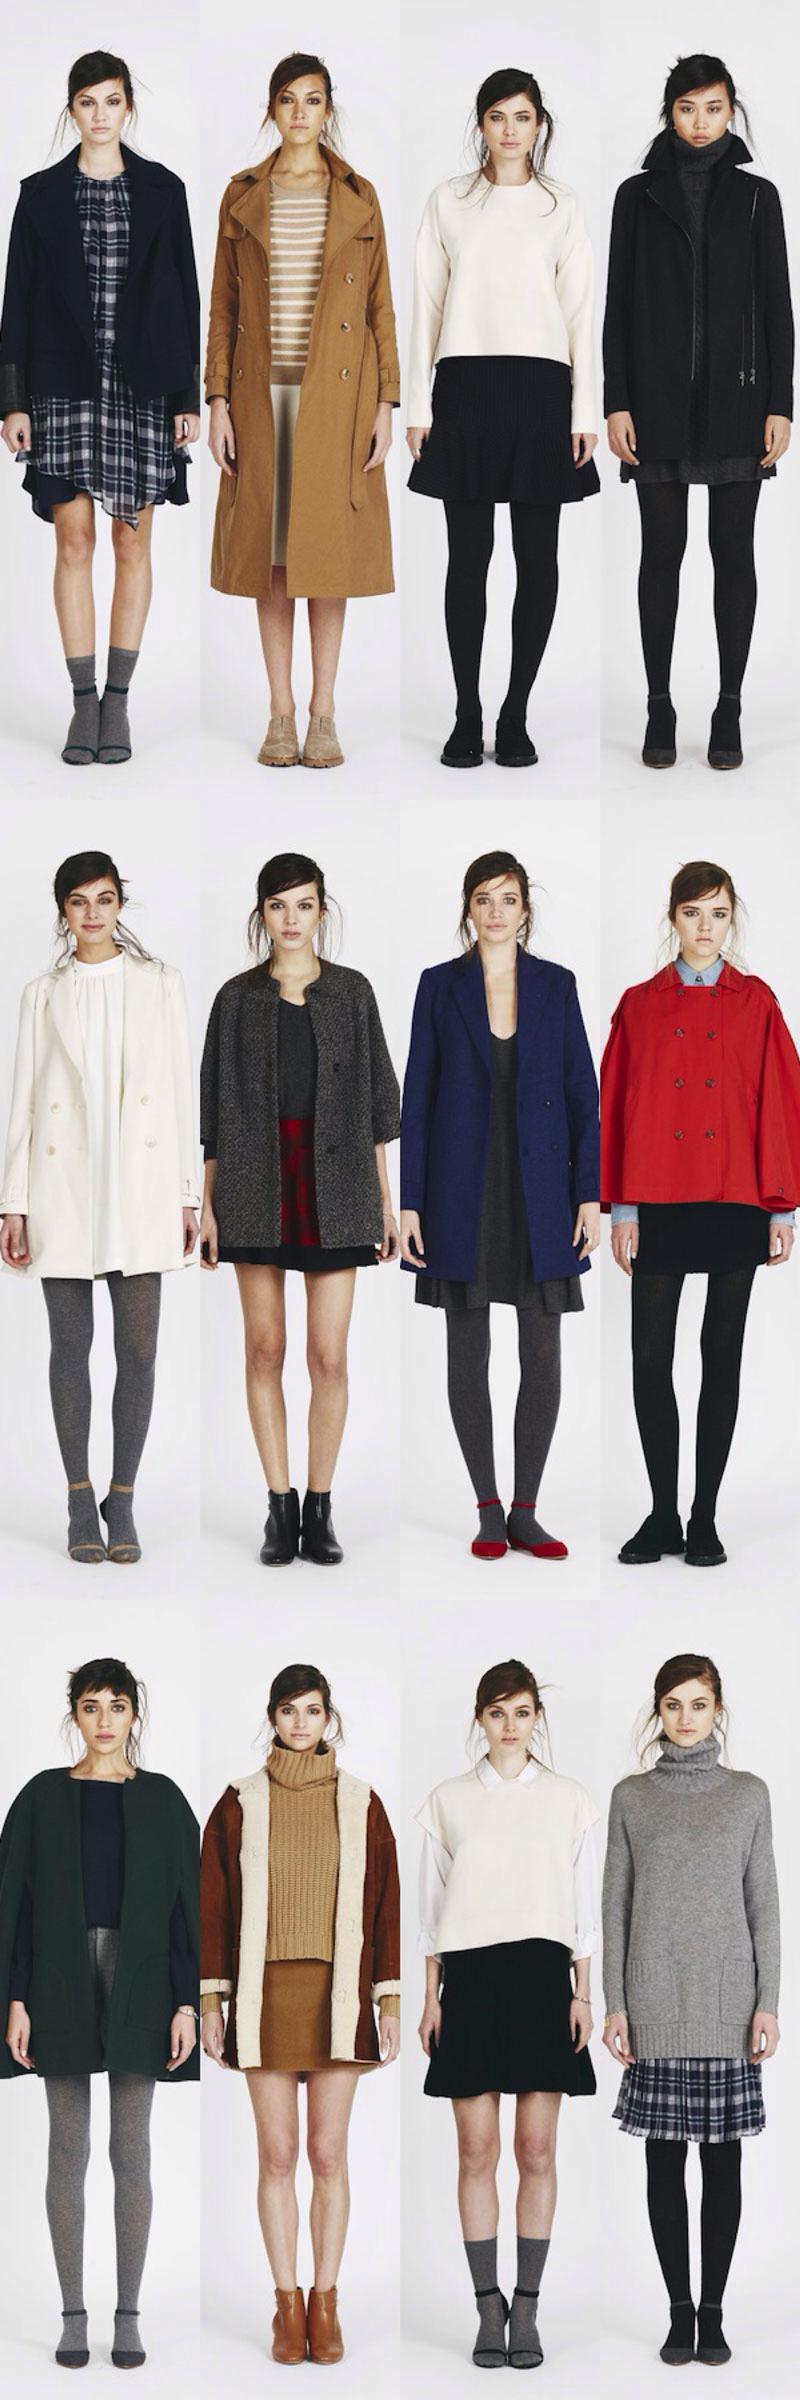 Joie Fall 2014 Paris France Fashion Lookbook _ glitterinc.com